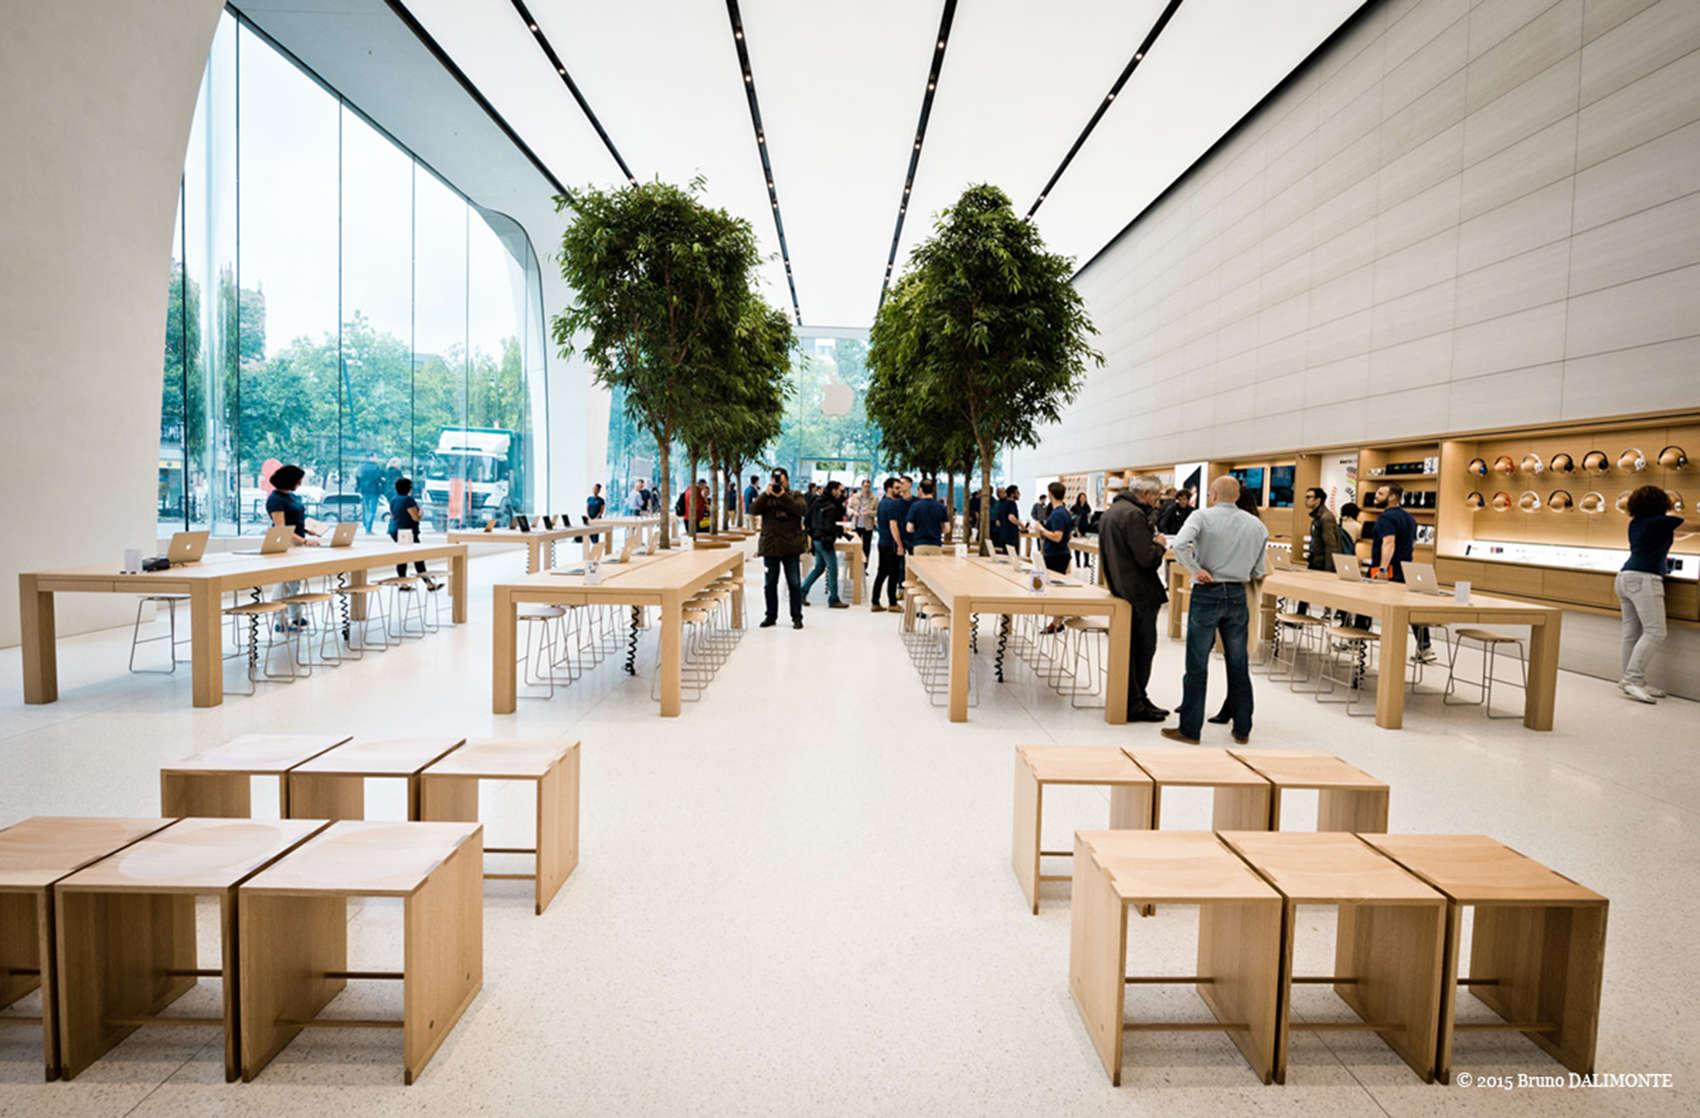 Apple Stores Worden Binnenkort Omgebouwd Tot Smart Home Want